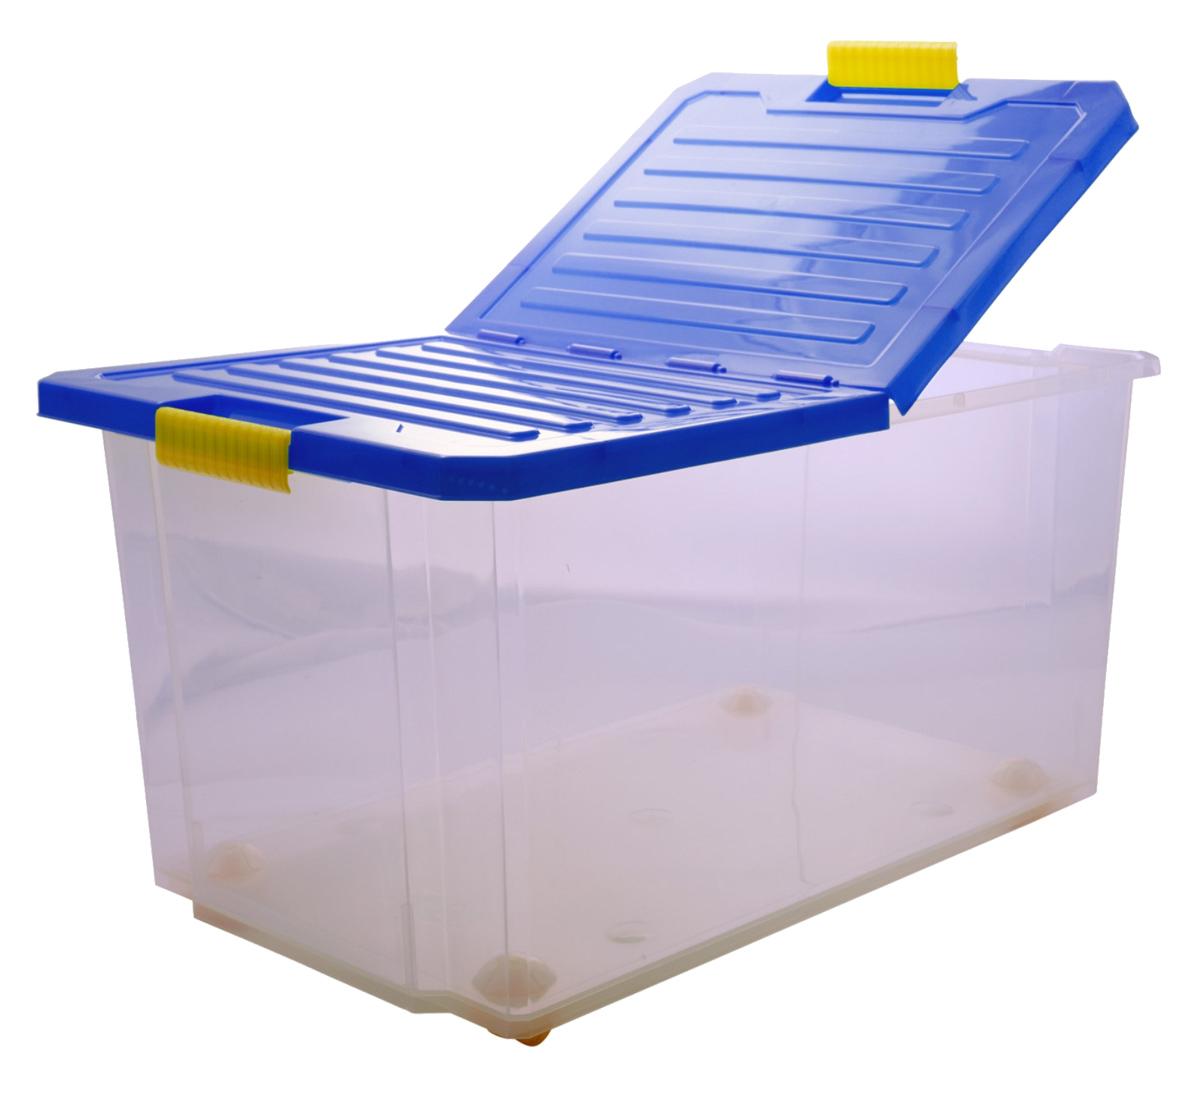 Ящик для хранения BranQ Unibox, на колесиках, цвет: синий, прозрачный, 57 лBQ2566СНЛЕГОУниверсальный ящик для хранения BranQ Unibox, выполненный из прочного пластика, поможет правильно организовать пространство в доме и сэкономить место. В нем можно хранить все, что угодно: одежду, обувь, детские игрушки и многое другое. Прочный каркас ящика позволит хранить как легкие вещи, так и переносить собранный урожай овощей или фруктов. Изделие оснащено складной крышкой, которая защитит вещи от пыли, грязи и влаги. С помощью колесиков на дне изделия ящик легко перемещать по комнате. Эргономичные ручки-защелки, позволяют переносить ящик как с крышкой, так и без нее.